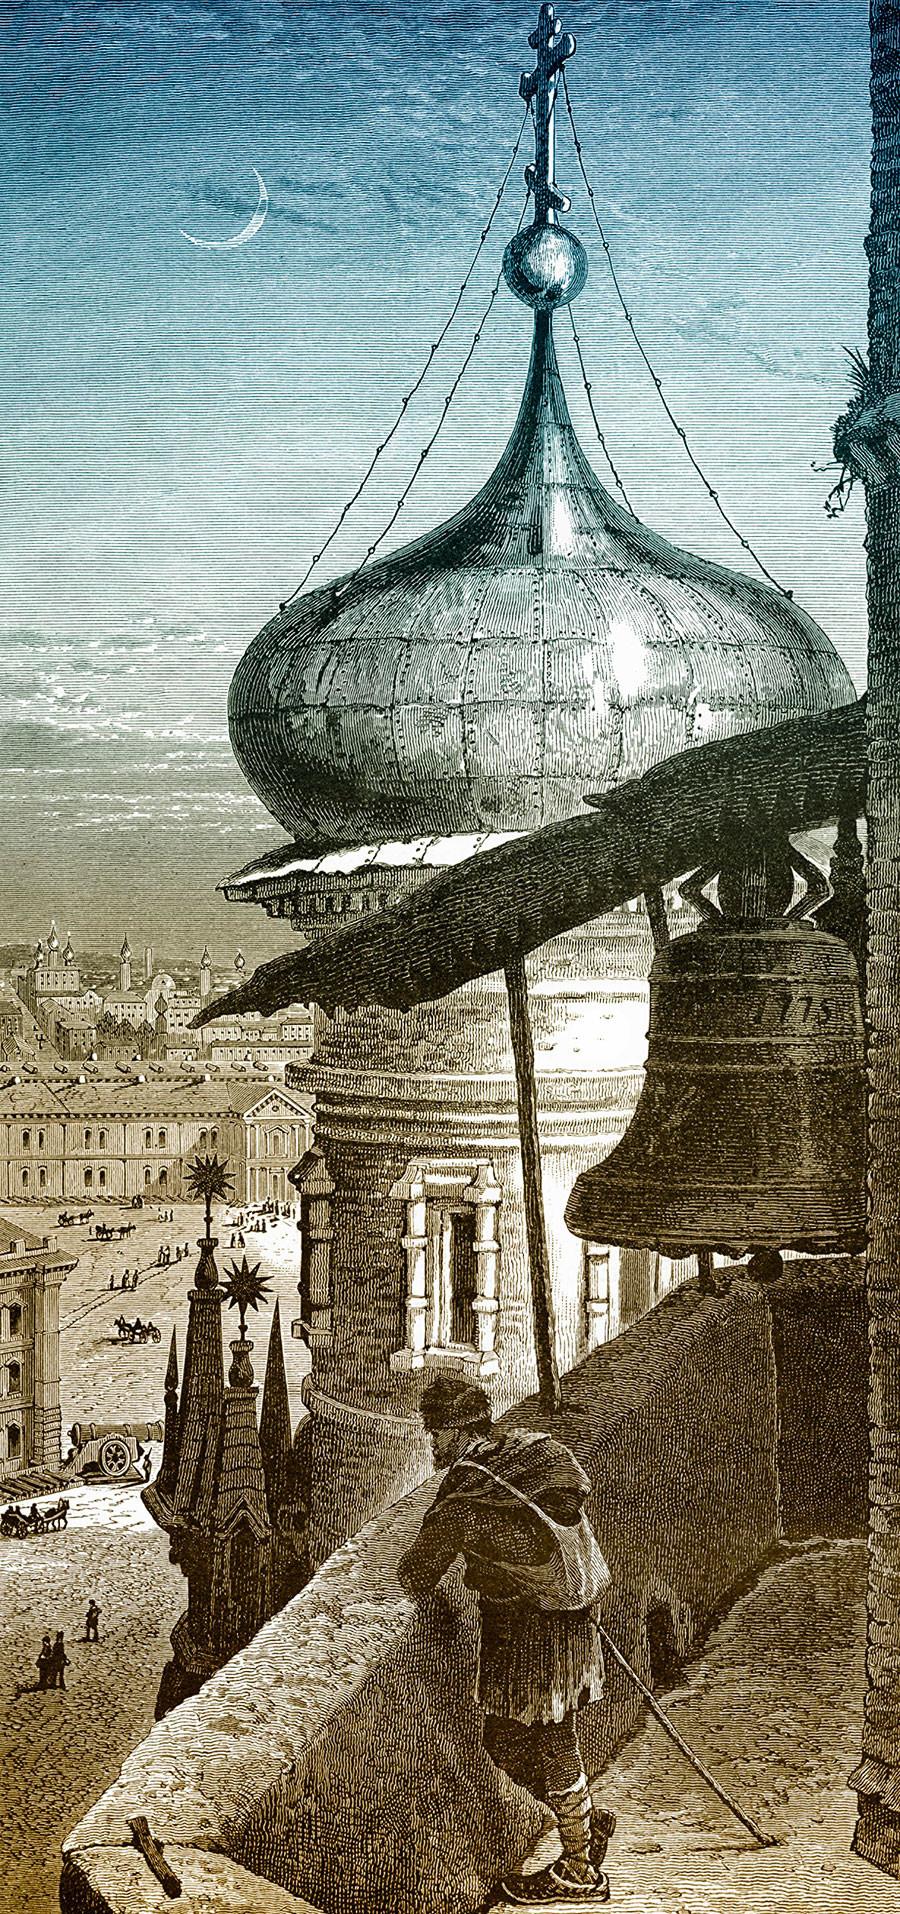 Ilustrasi sejarah, penampakan dari menara lonceng Ivan Grozny abad ke-19.